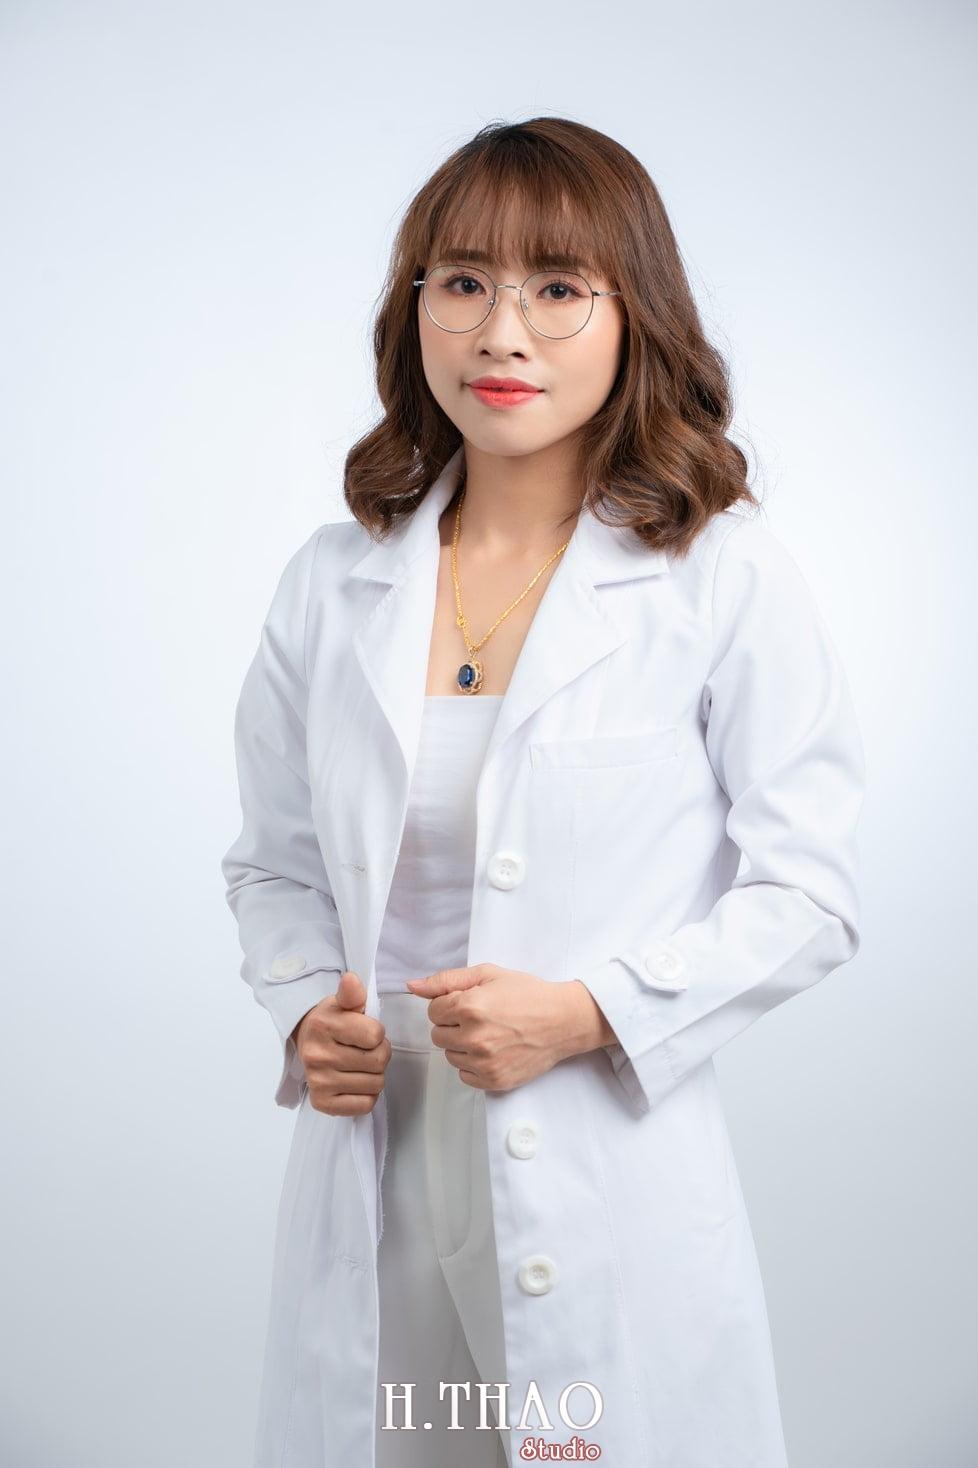 Profile bac si nu 3 - Studio chụp ảnh thương hiệu cá nhân đẹp, chuyên nghiệp tại Tp.HCM